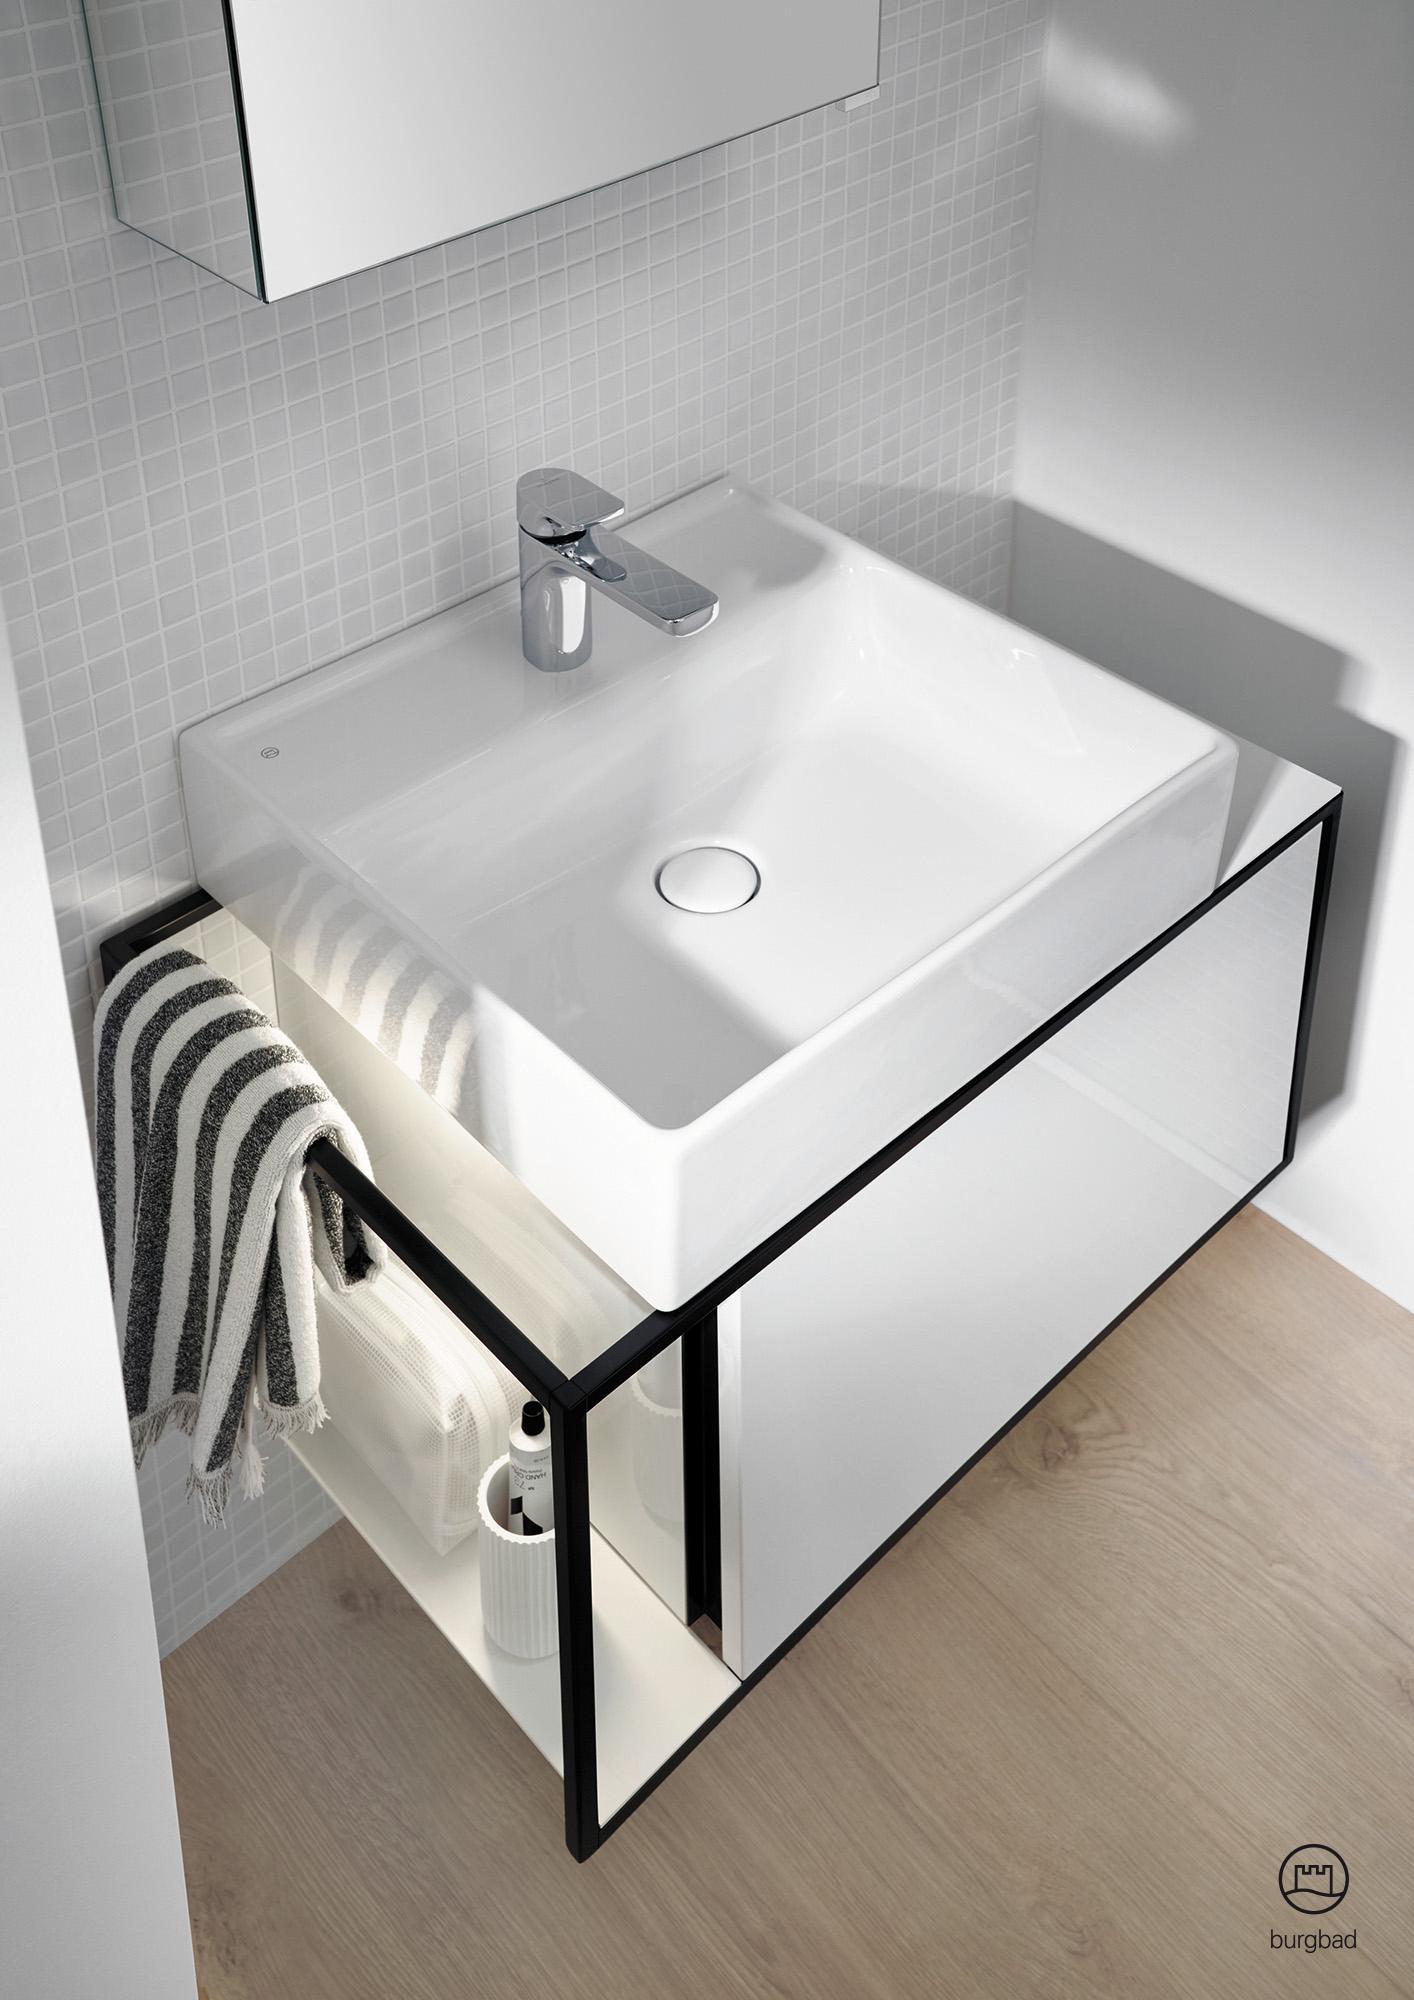 Full Size of Einzelschränke Küche Modulküche Grillplatte Mini Wandbelag Led Deckenleuchte Selbst Zusammenstellen Abfallbehälter L Form Einlegeböden Küche Keramik Waschbecken Küche